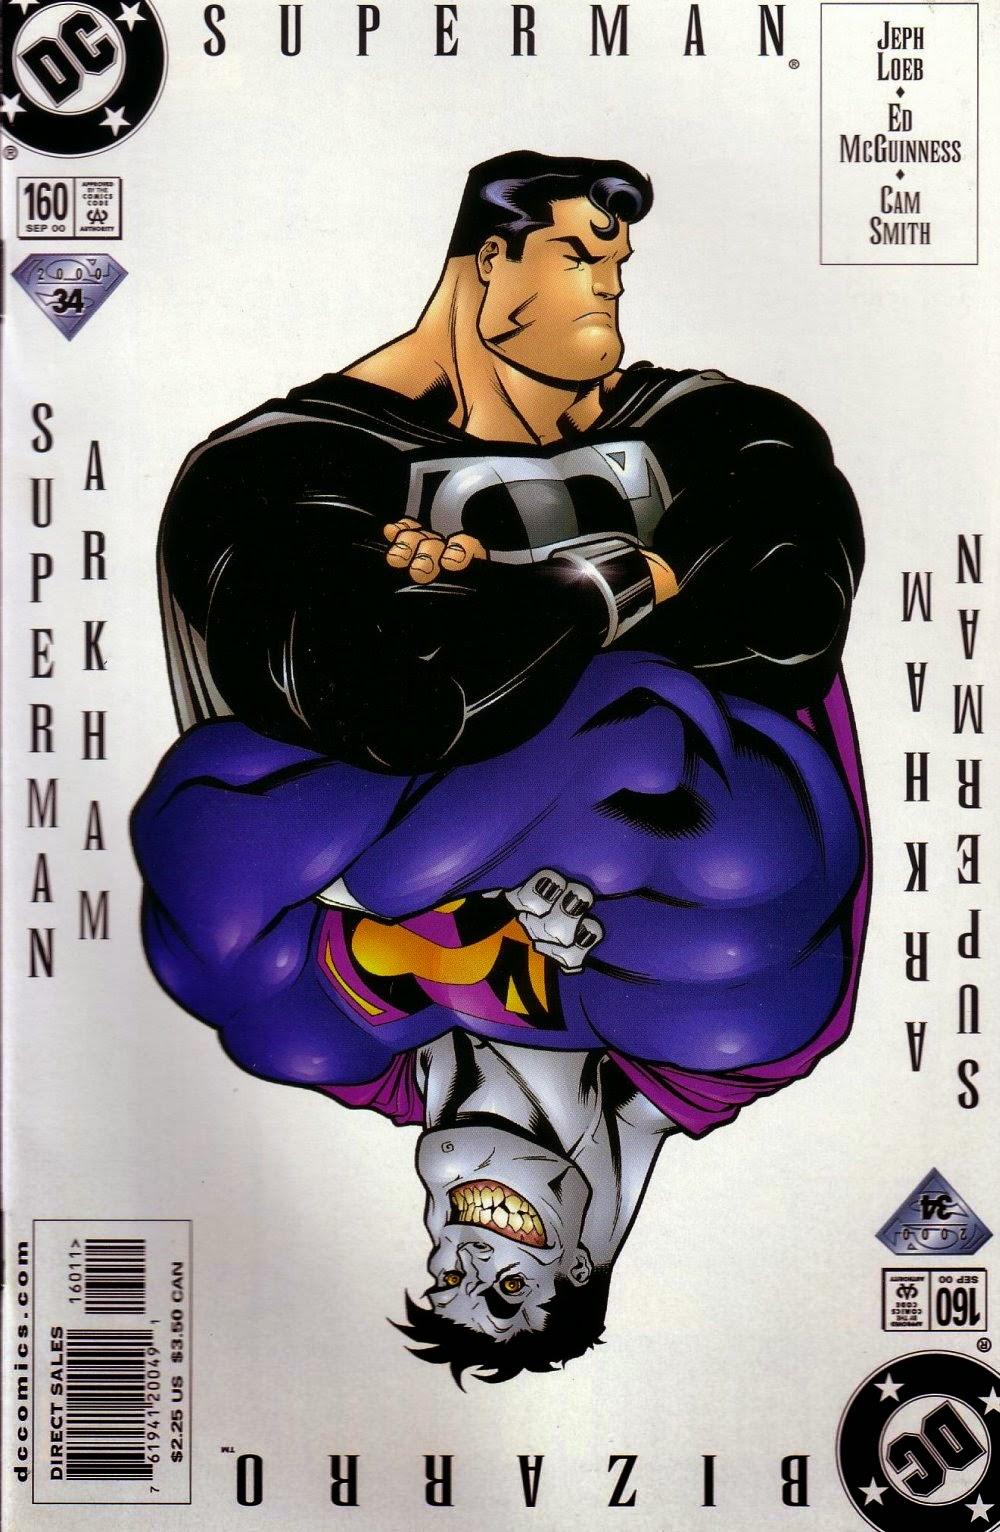 COMIC BOOK FAN AND LOVER: SUPERMAN: EMPERADOR JOKER - DC COMICS